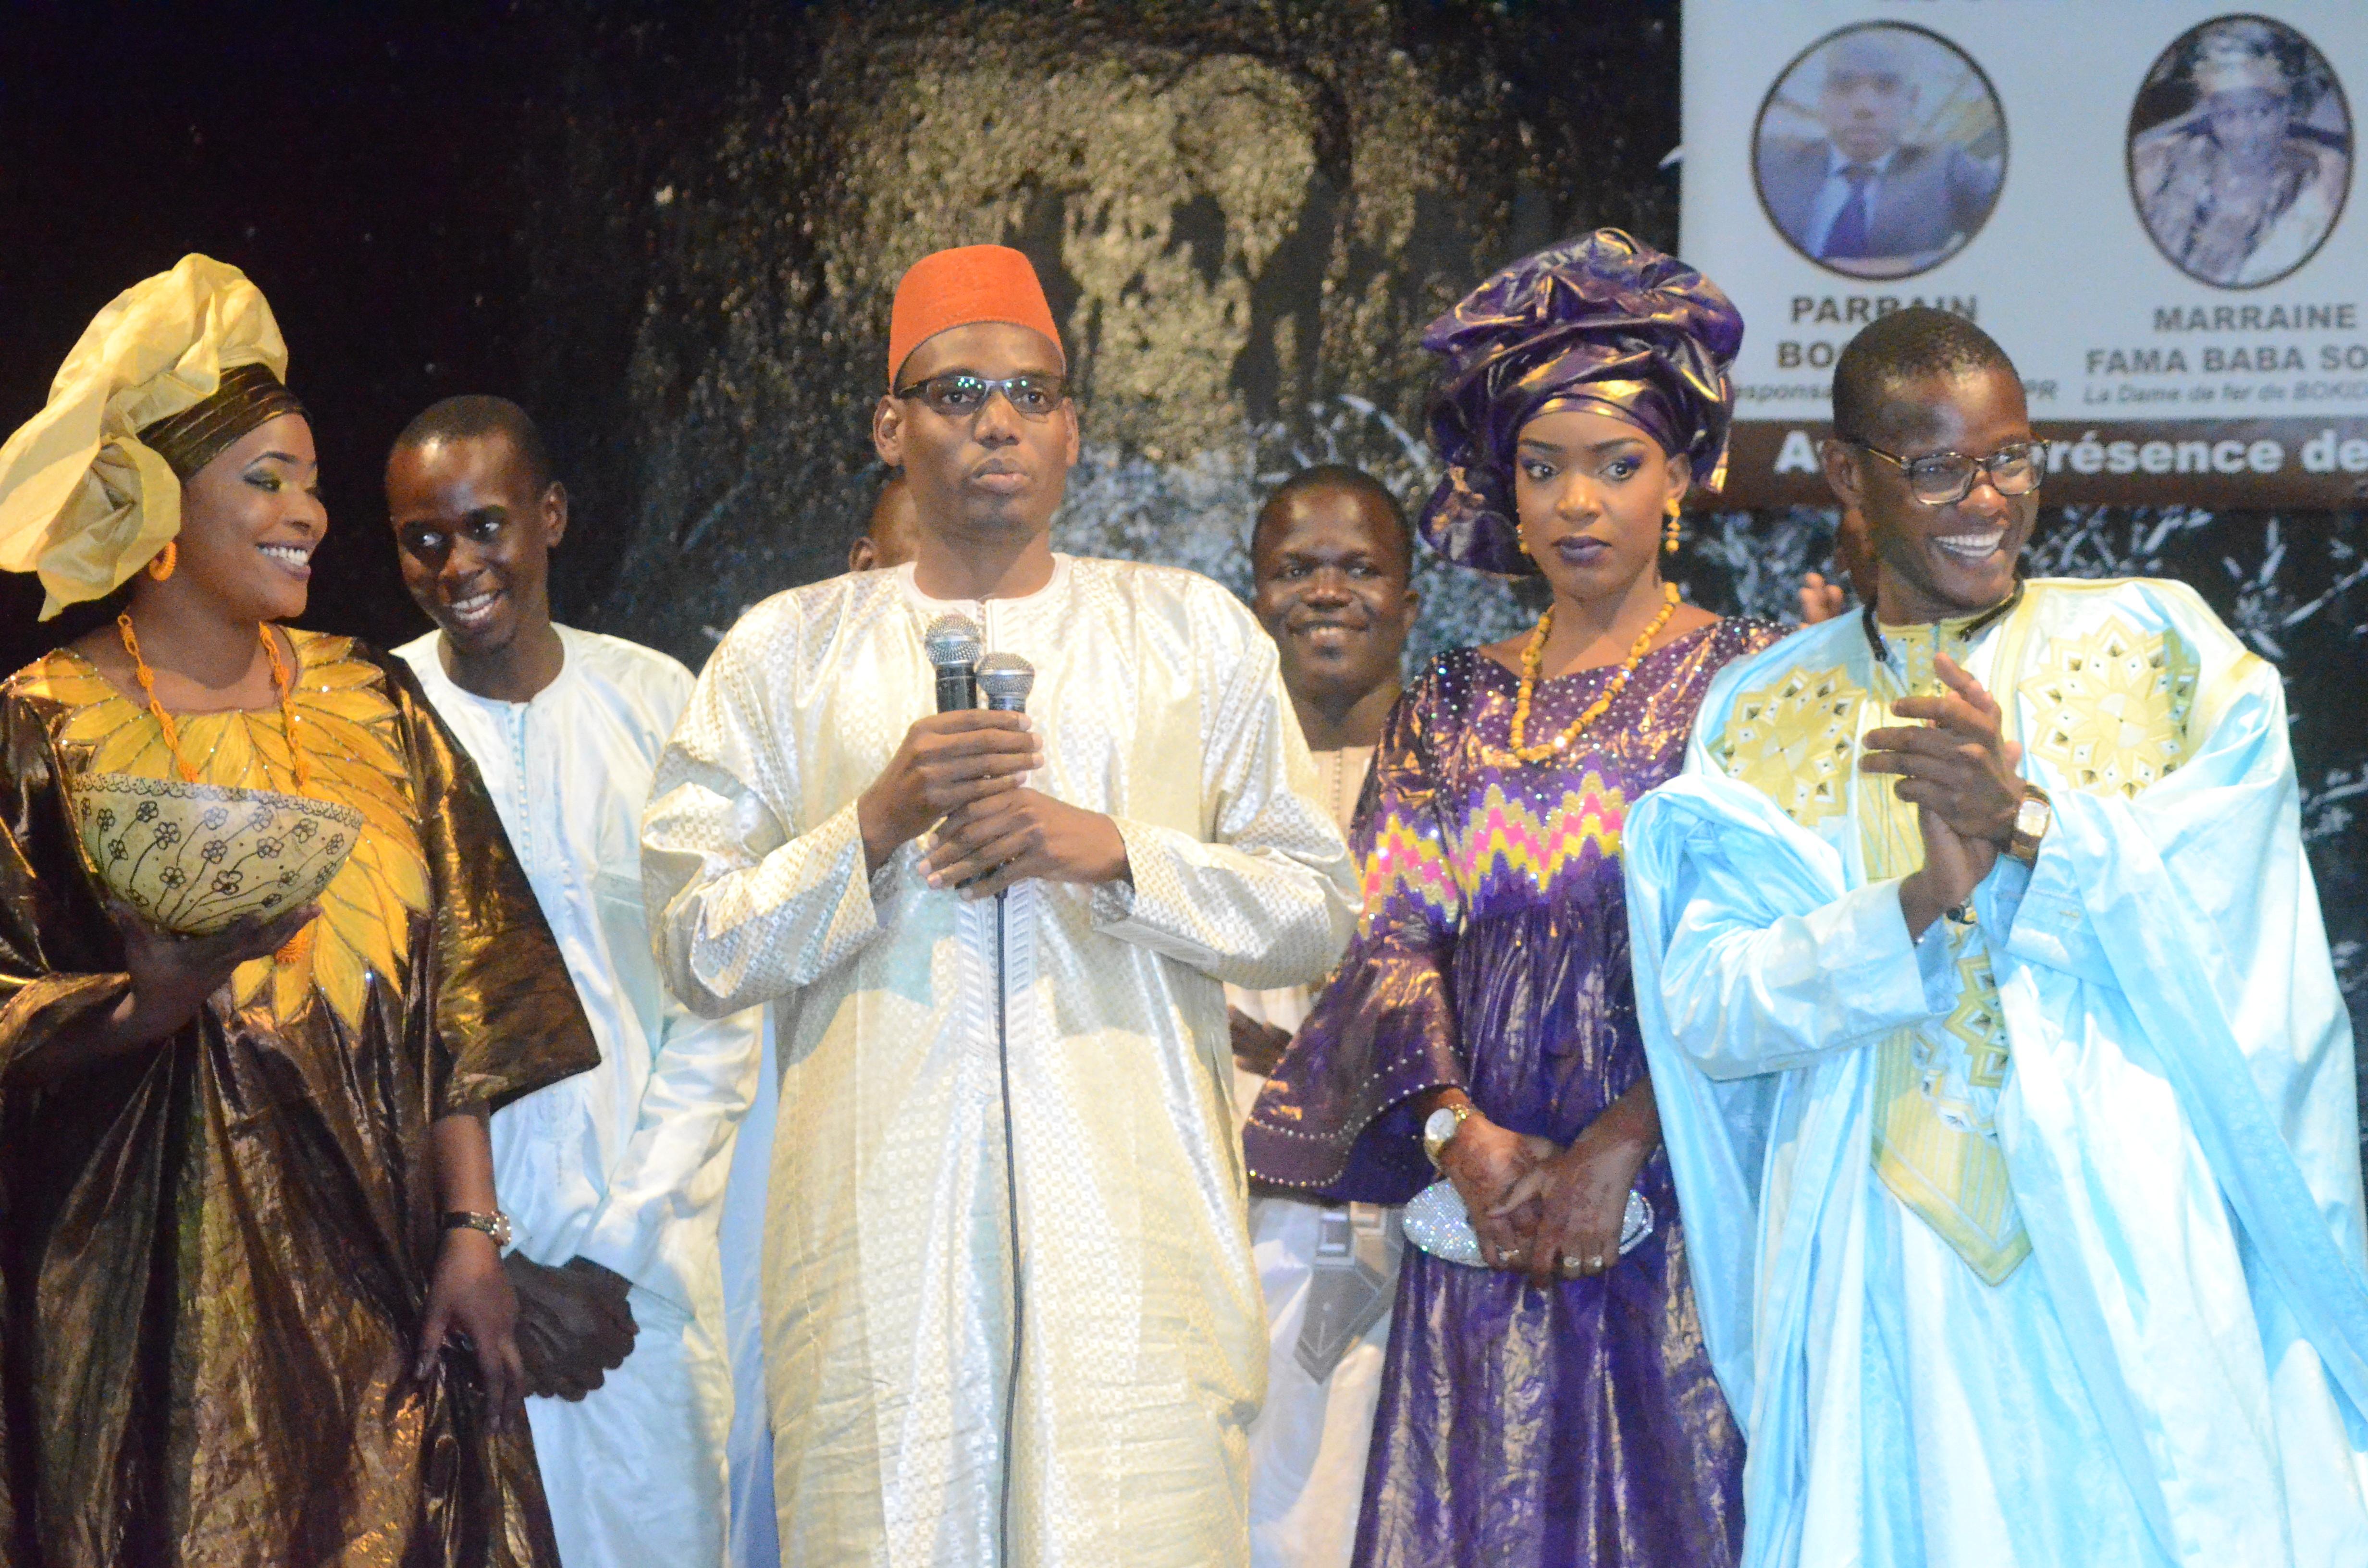 Première Edition soirée culturelle de l'Association Boyinadji Ma fierté de Bokidiawé, le parrain Bocar Abdoulaye Ly appelle à l'union des cœurs (48)